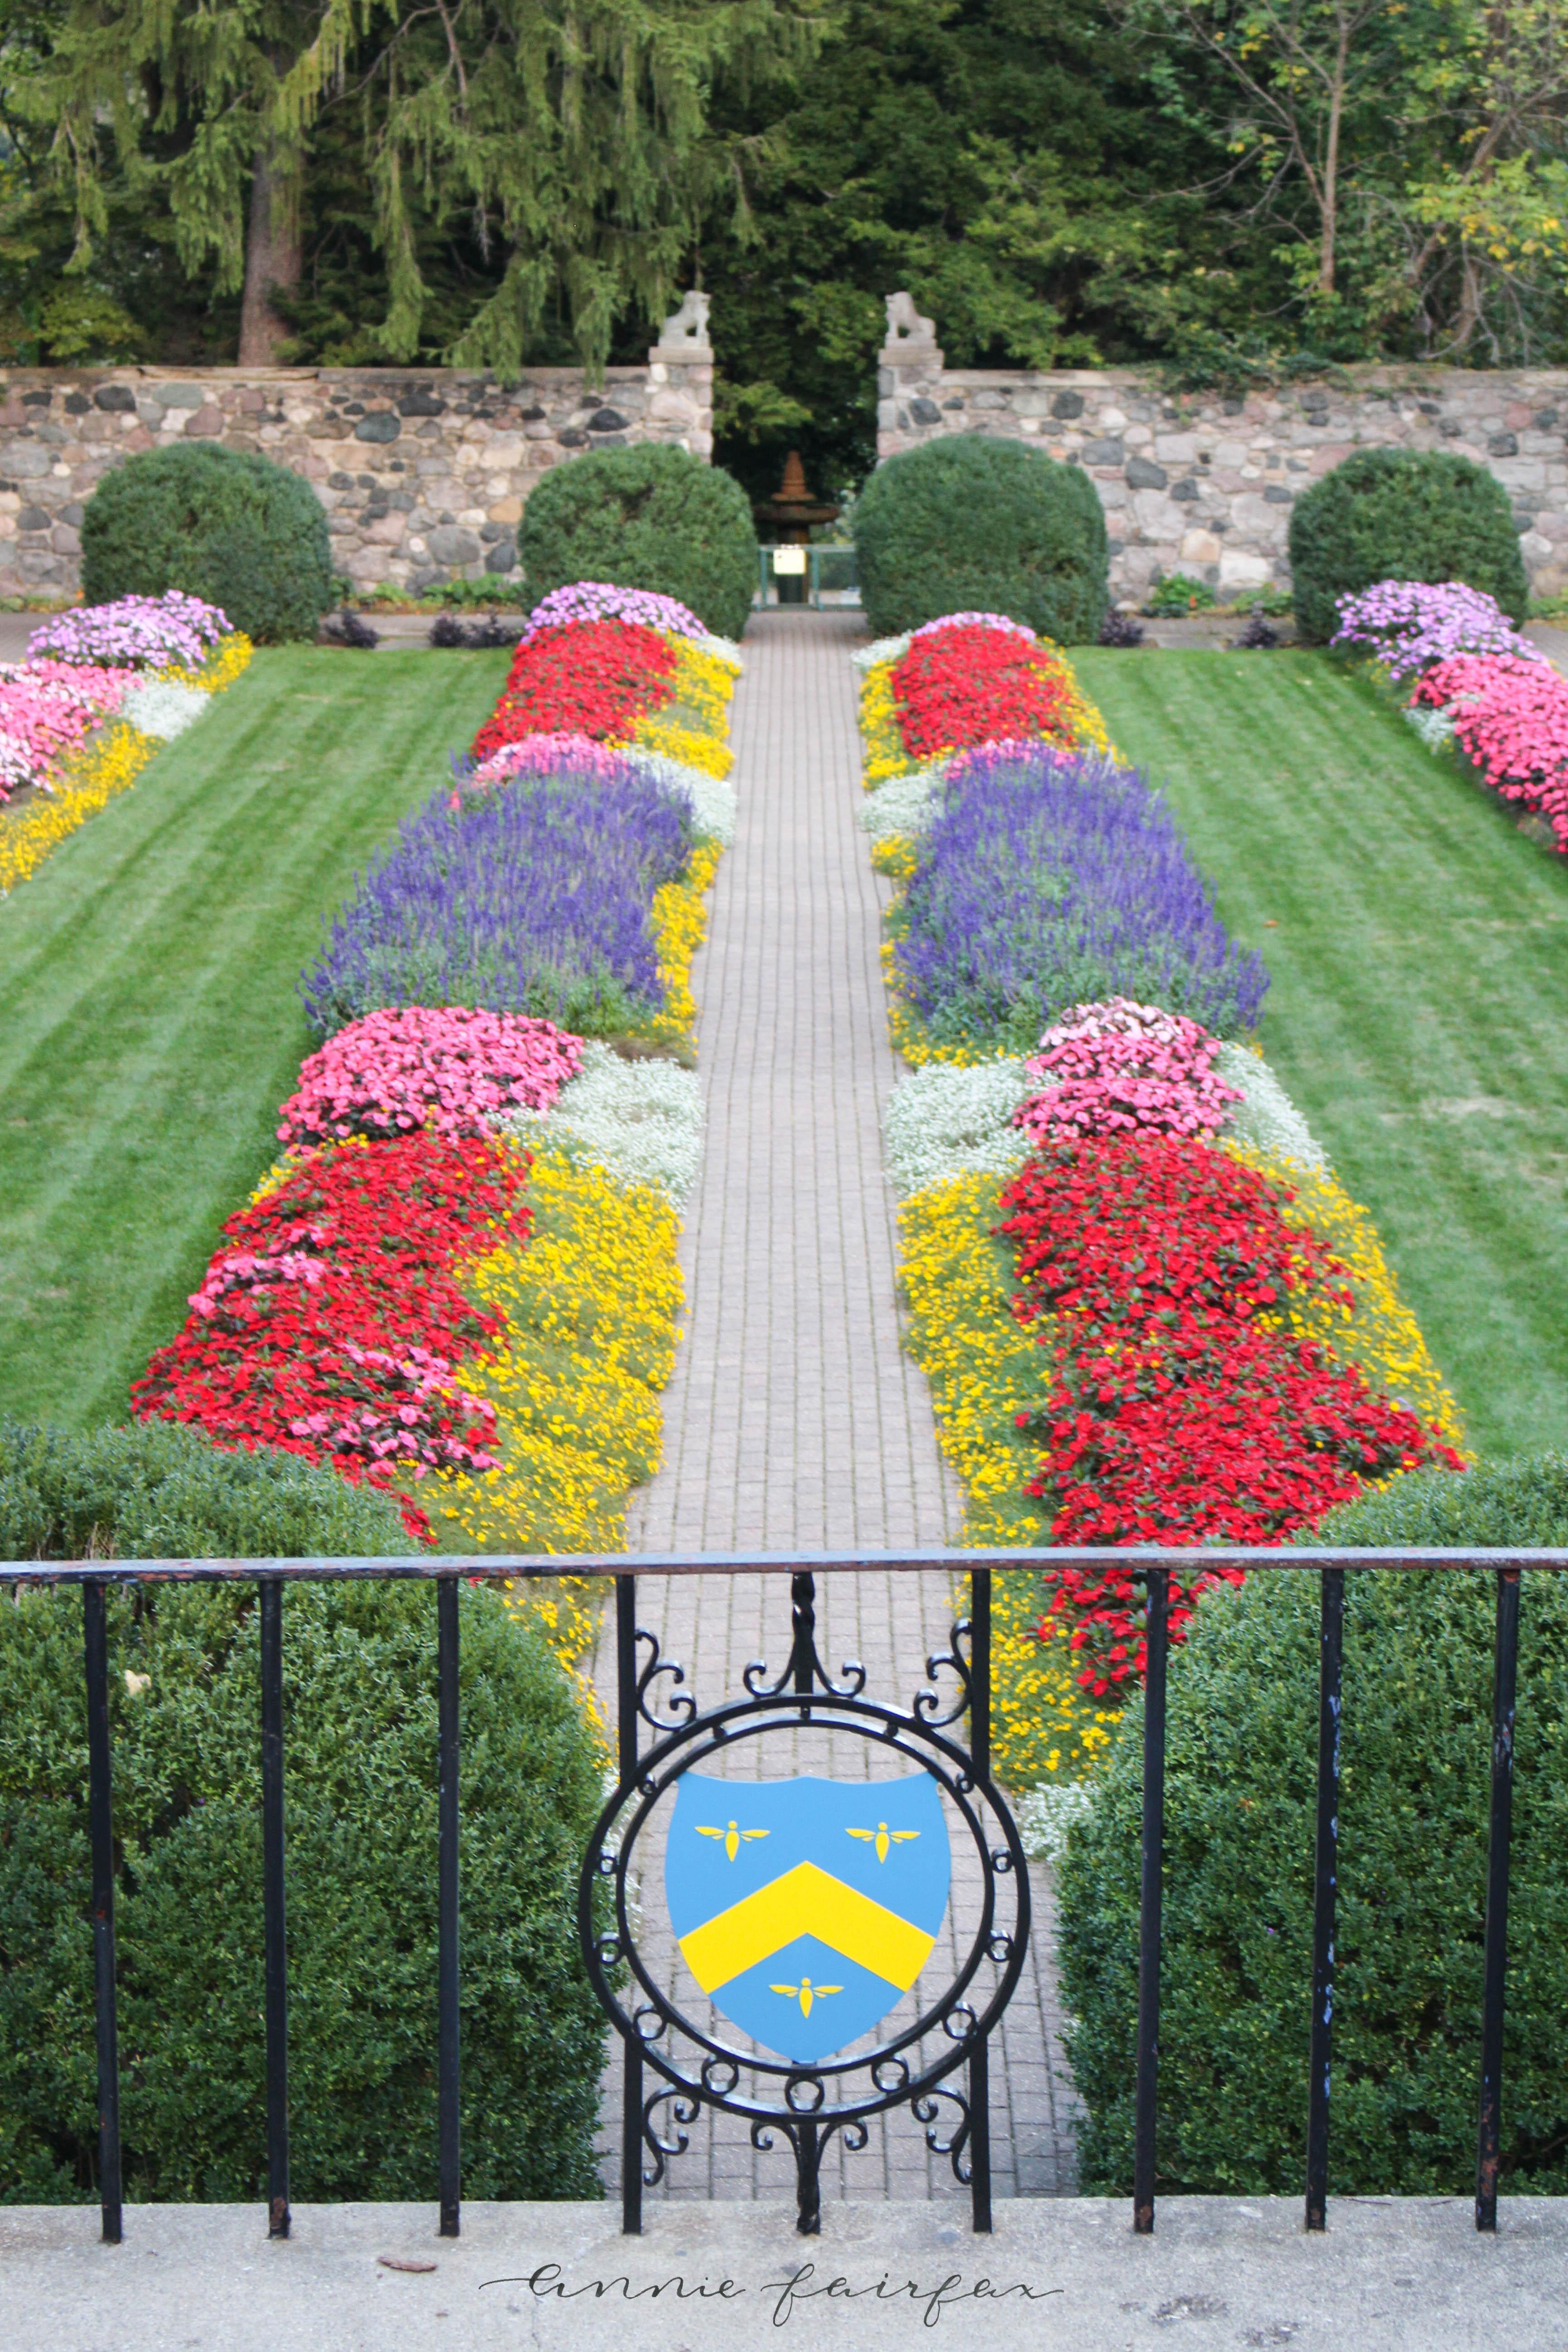 Cranbrook House & Gardens https://anniewearsit.com/